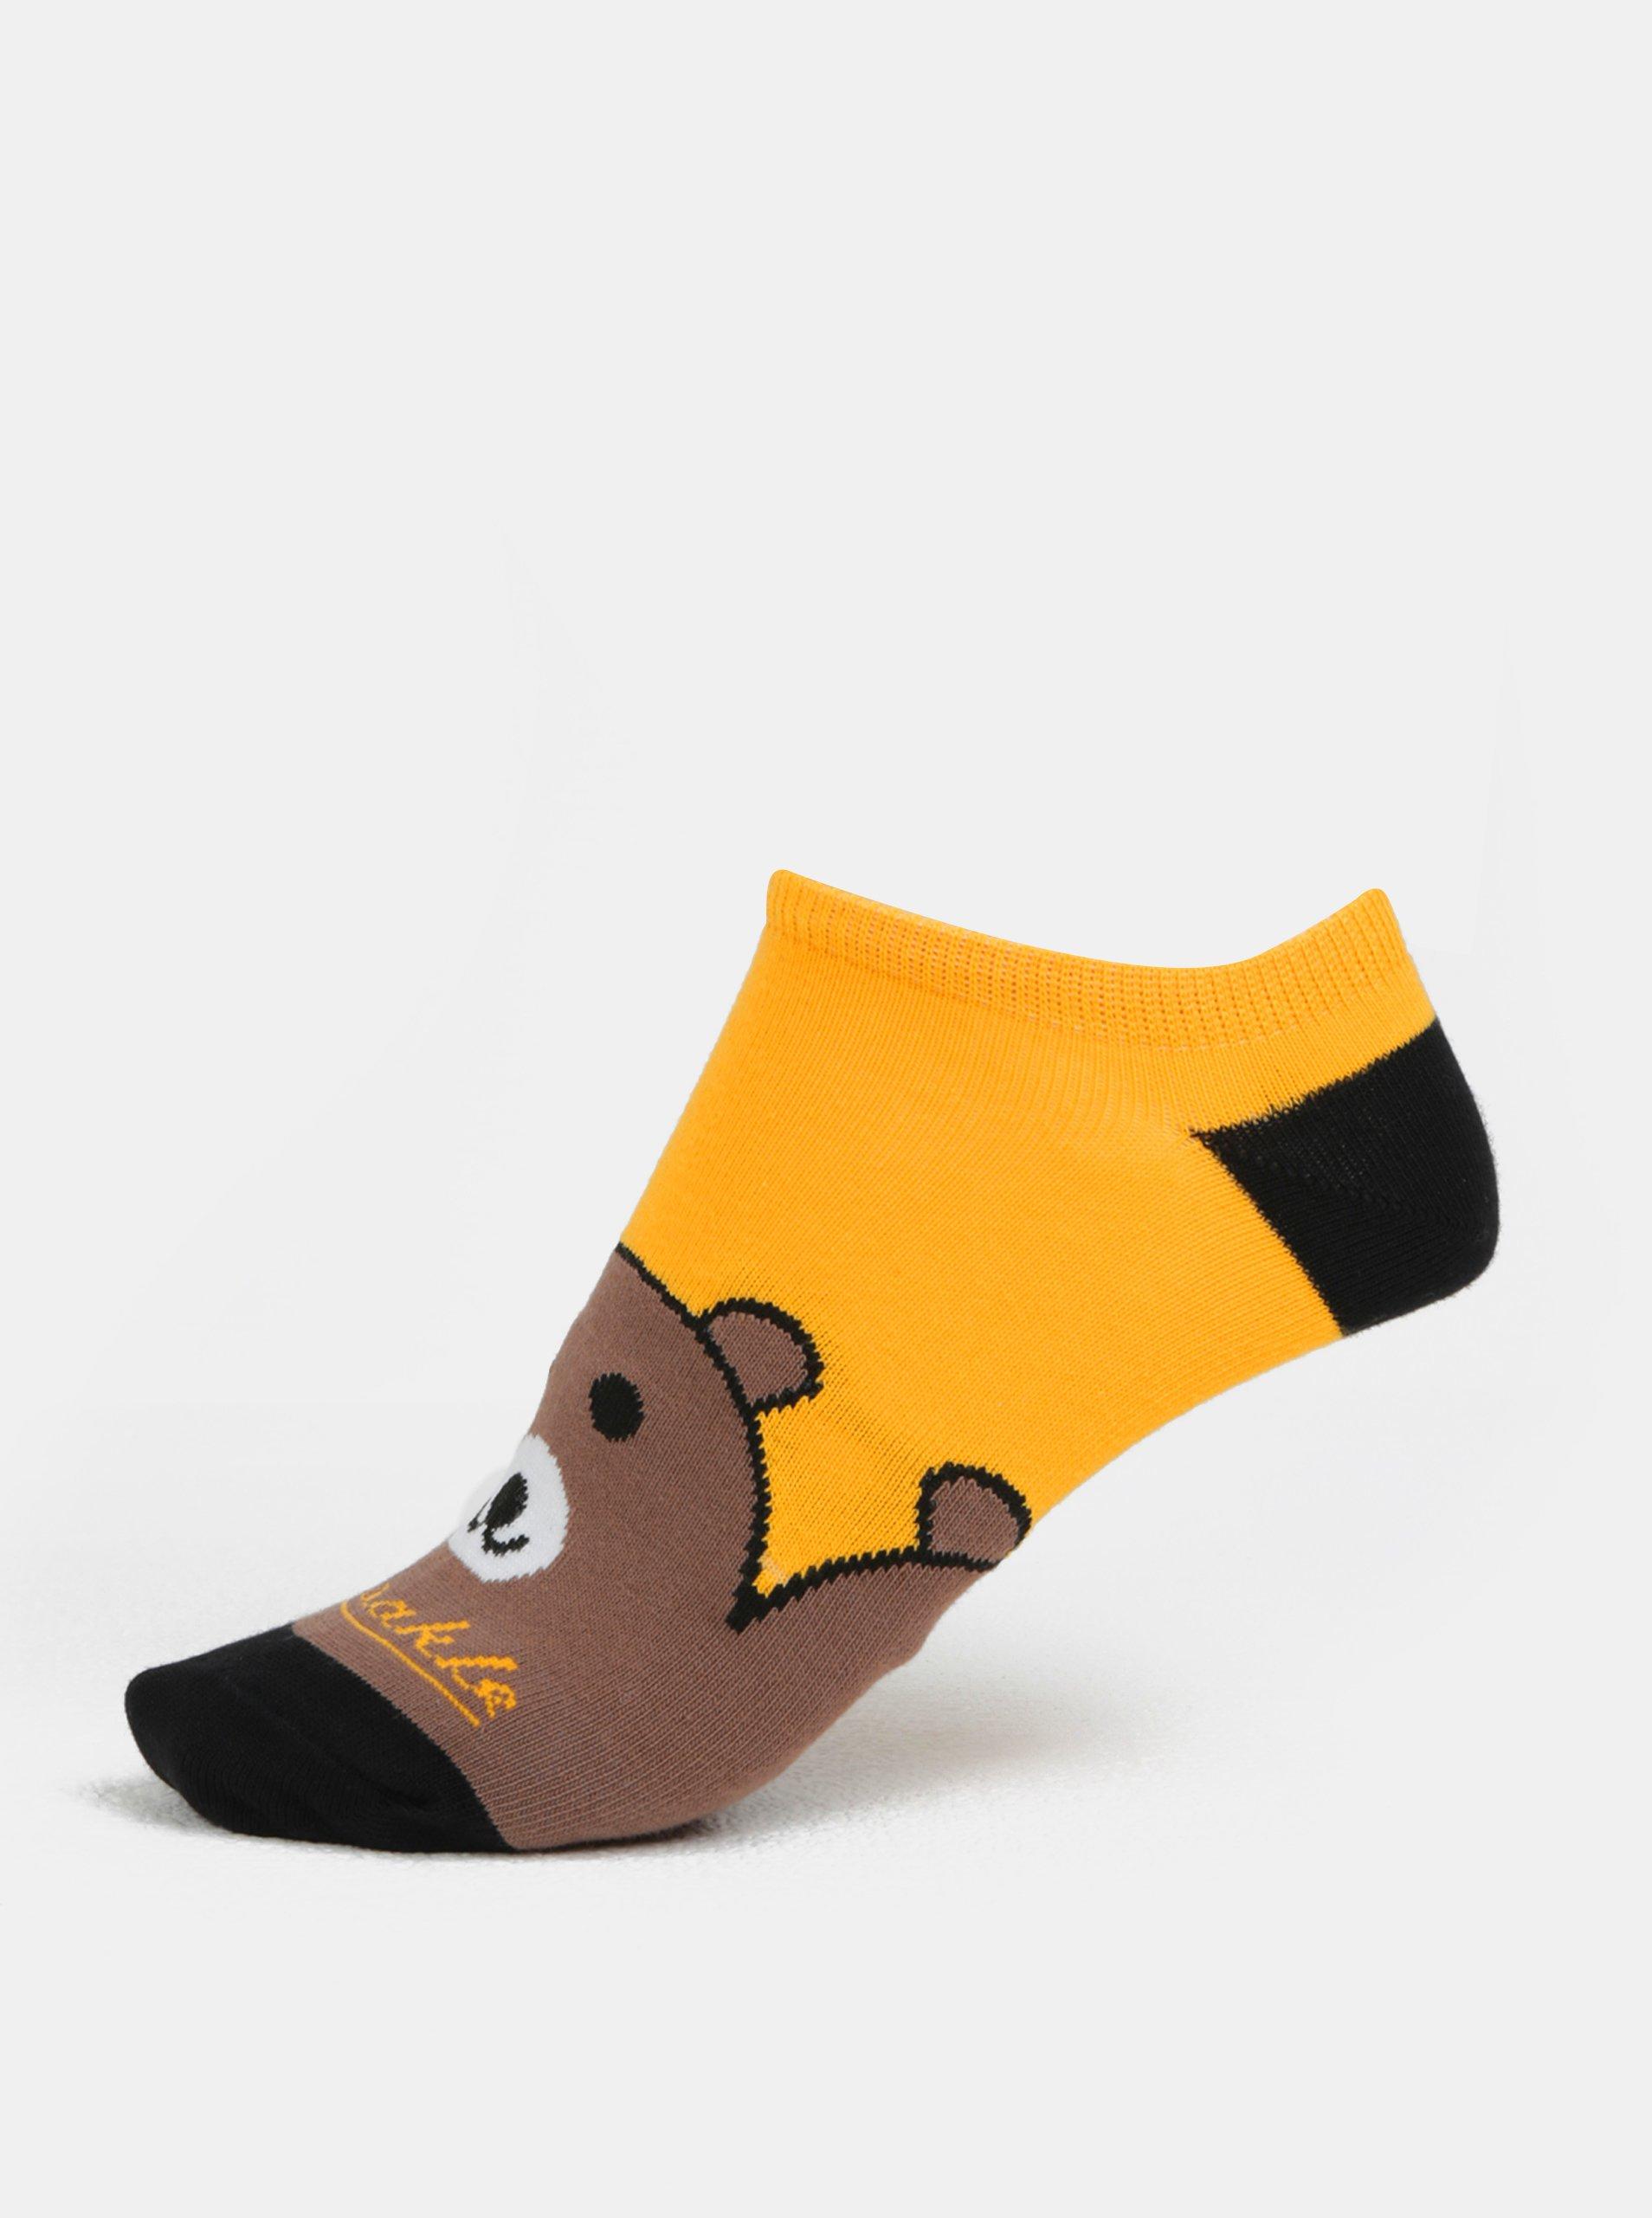 Hnědo-žluté unisex kotníkové ponožky Fusakle Maco